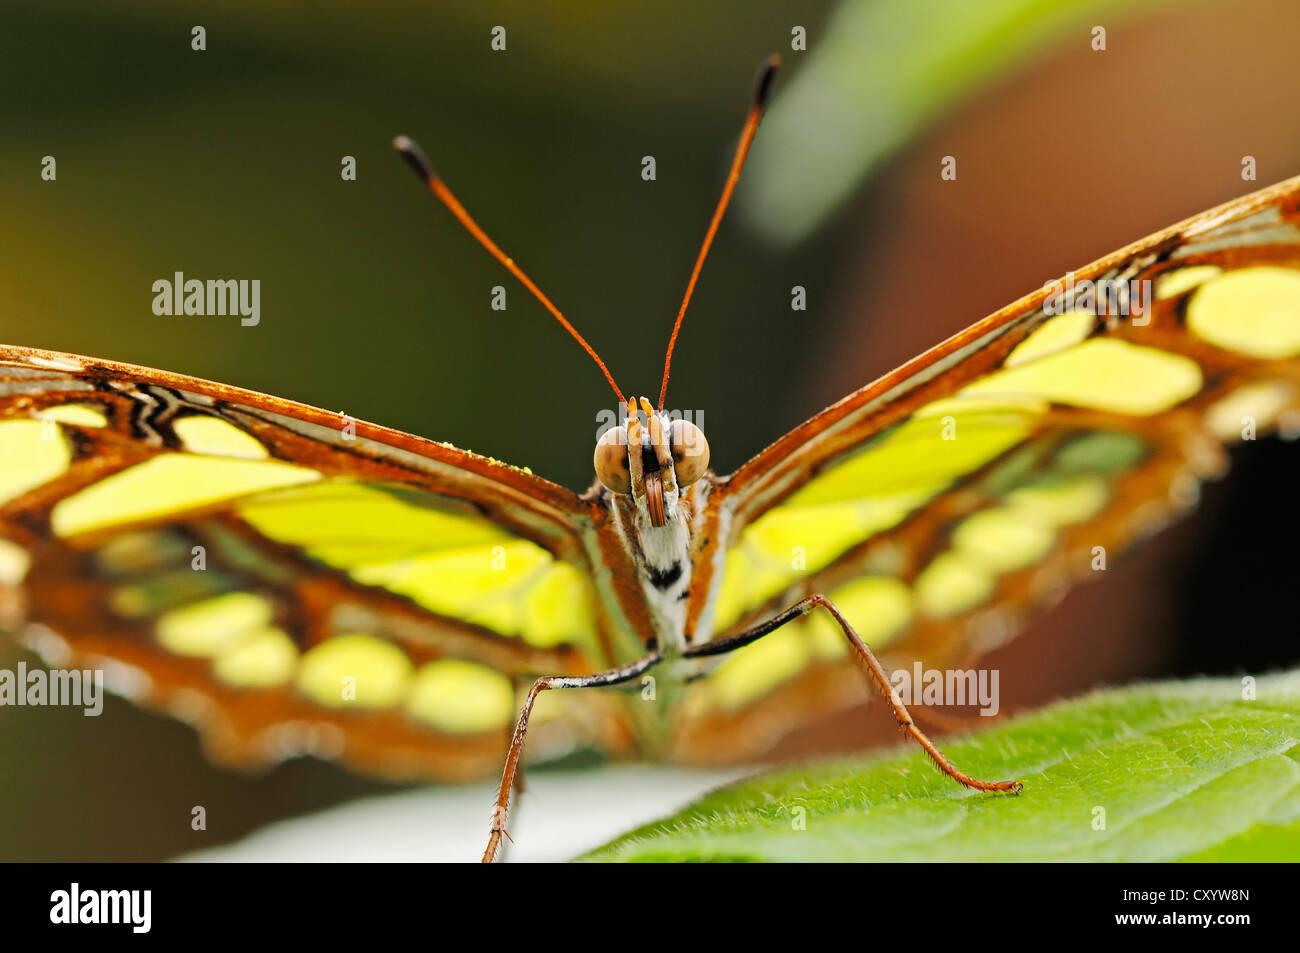 Malachit Schmetterling (Siproeta Stelenes), ursprünglich aus Südamerika, Gefangenschaft, Niederlande, Europa Stockfoto